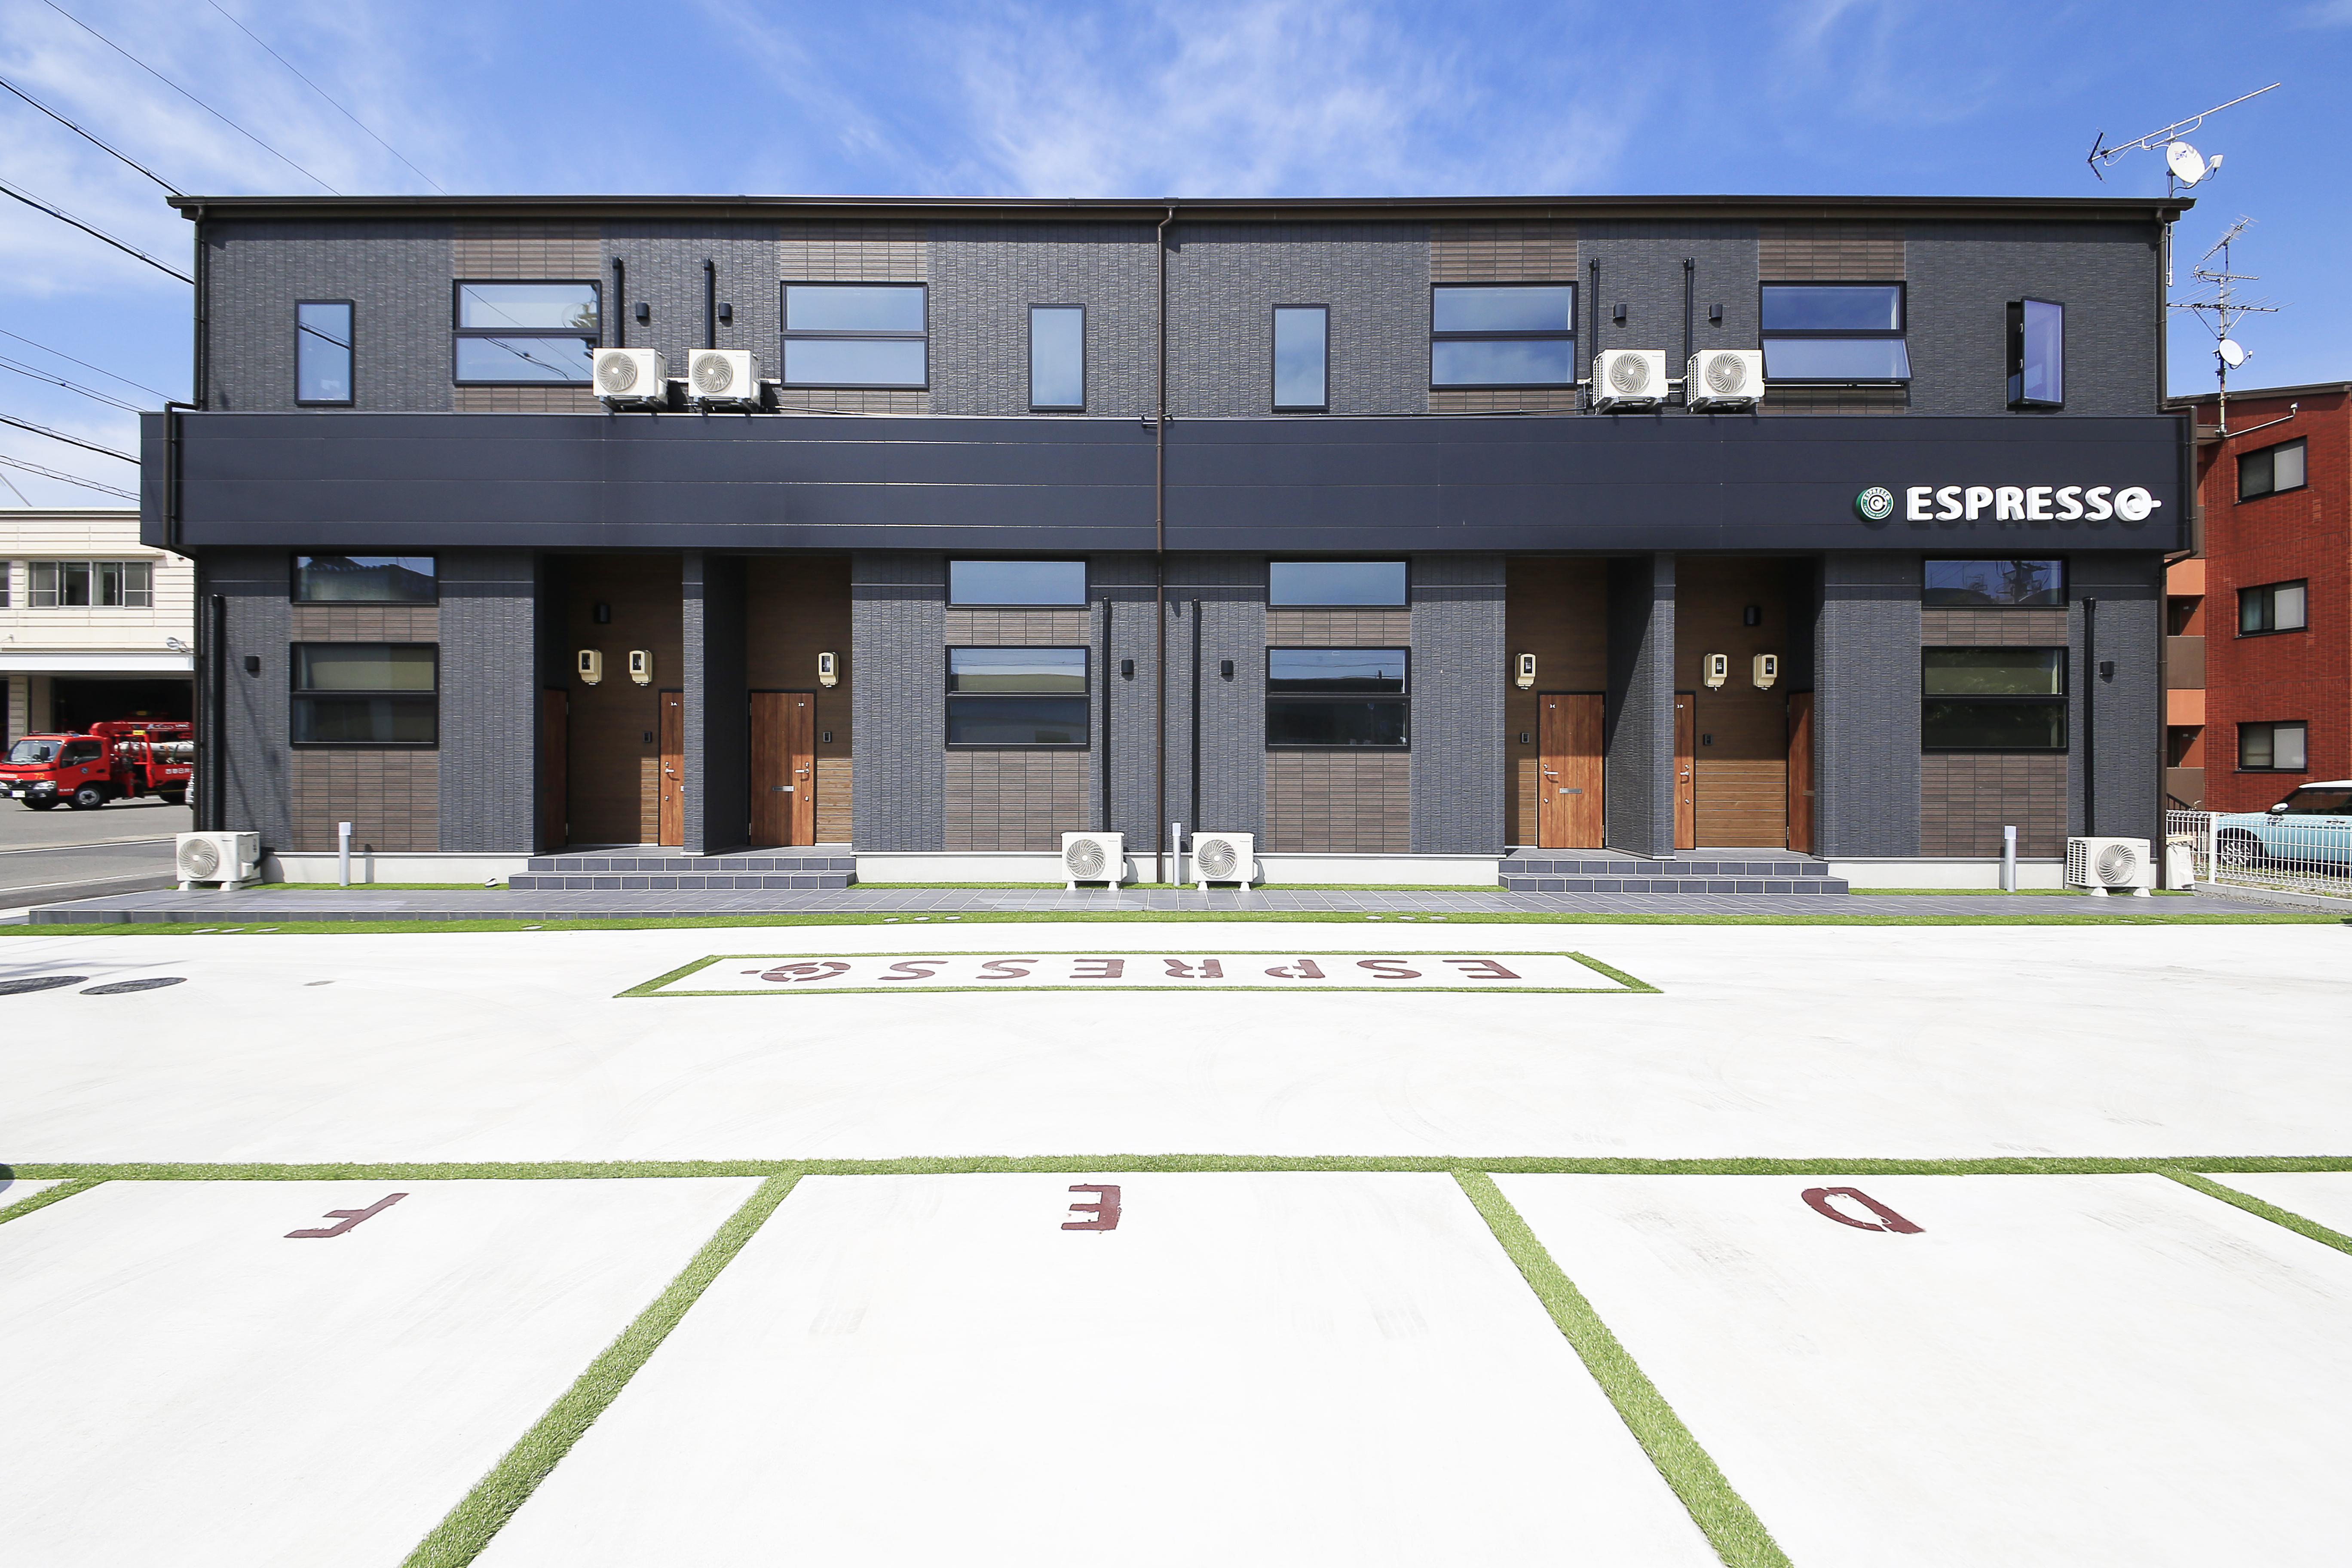 ブルックリンスタイルアパートメント_ESPRESSO清須の外観_MG_1036